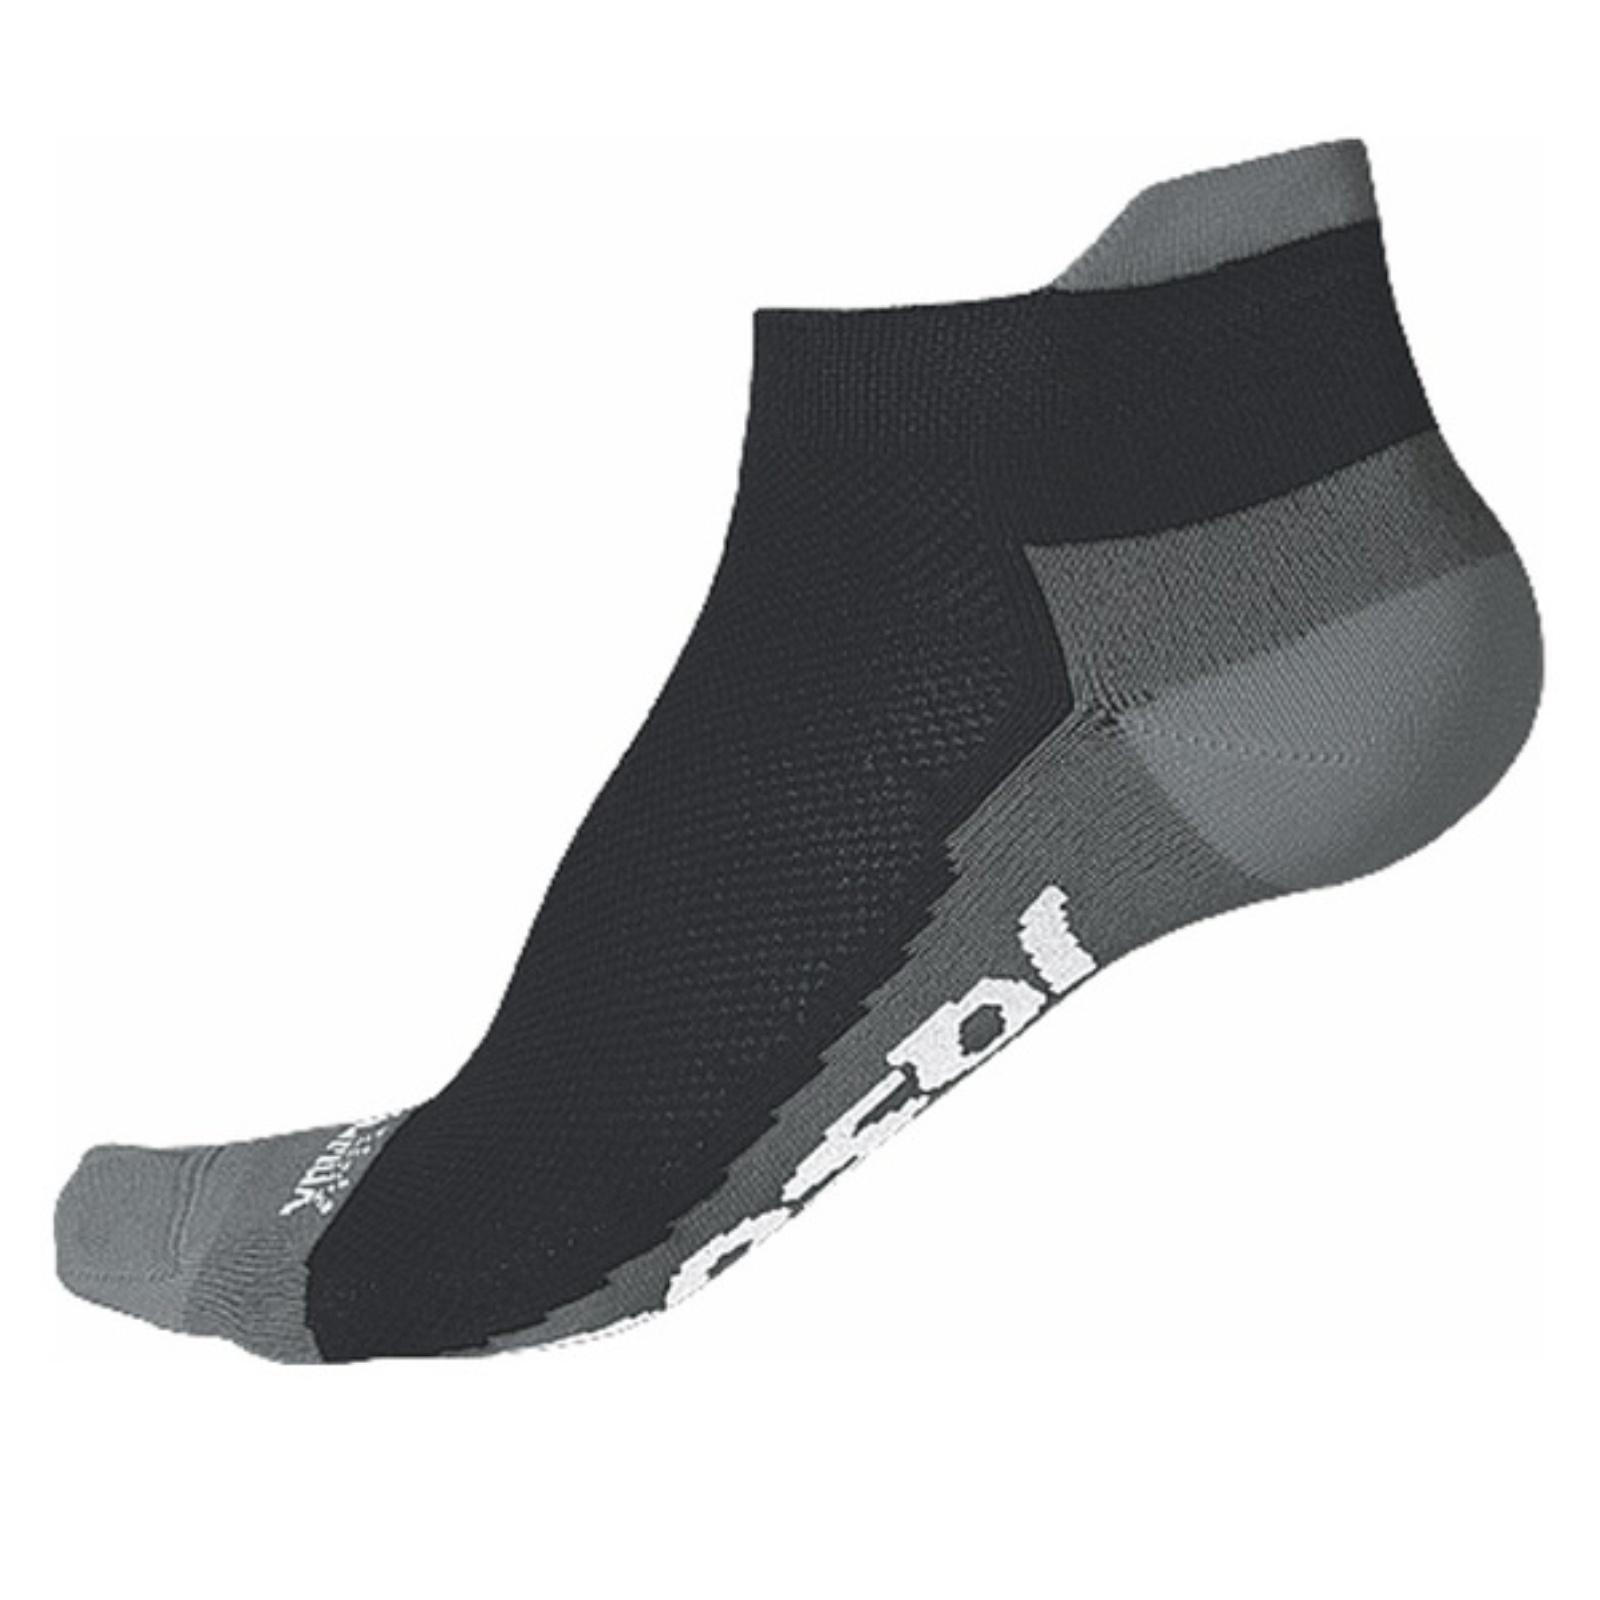 Ponožky SENSOR Coolmax Invisible šedé - veľ. 3-5